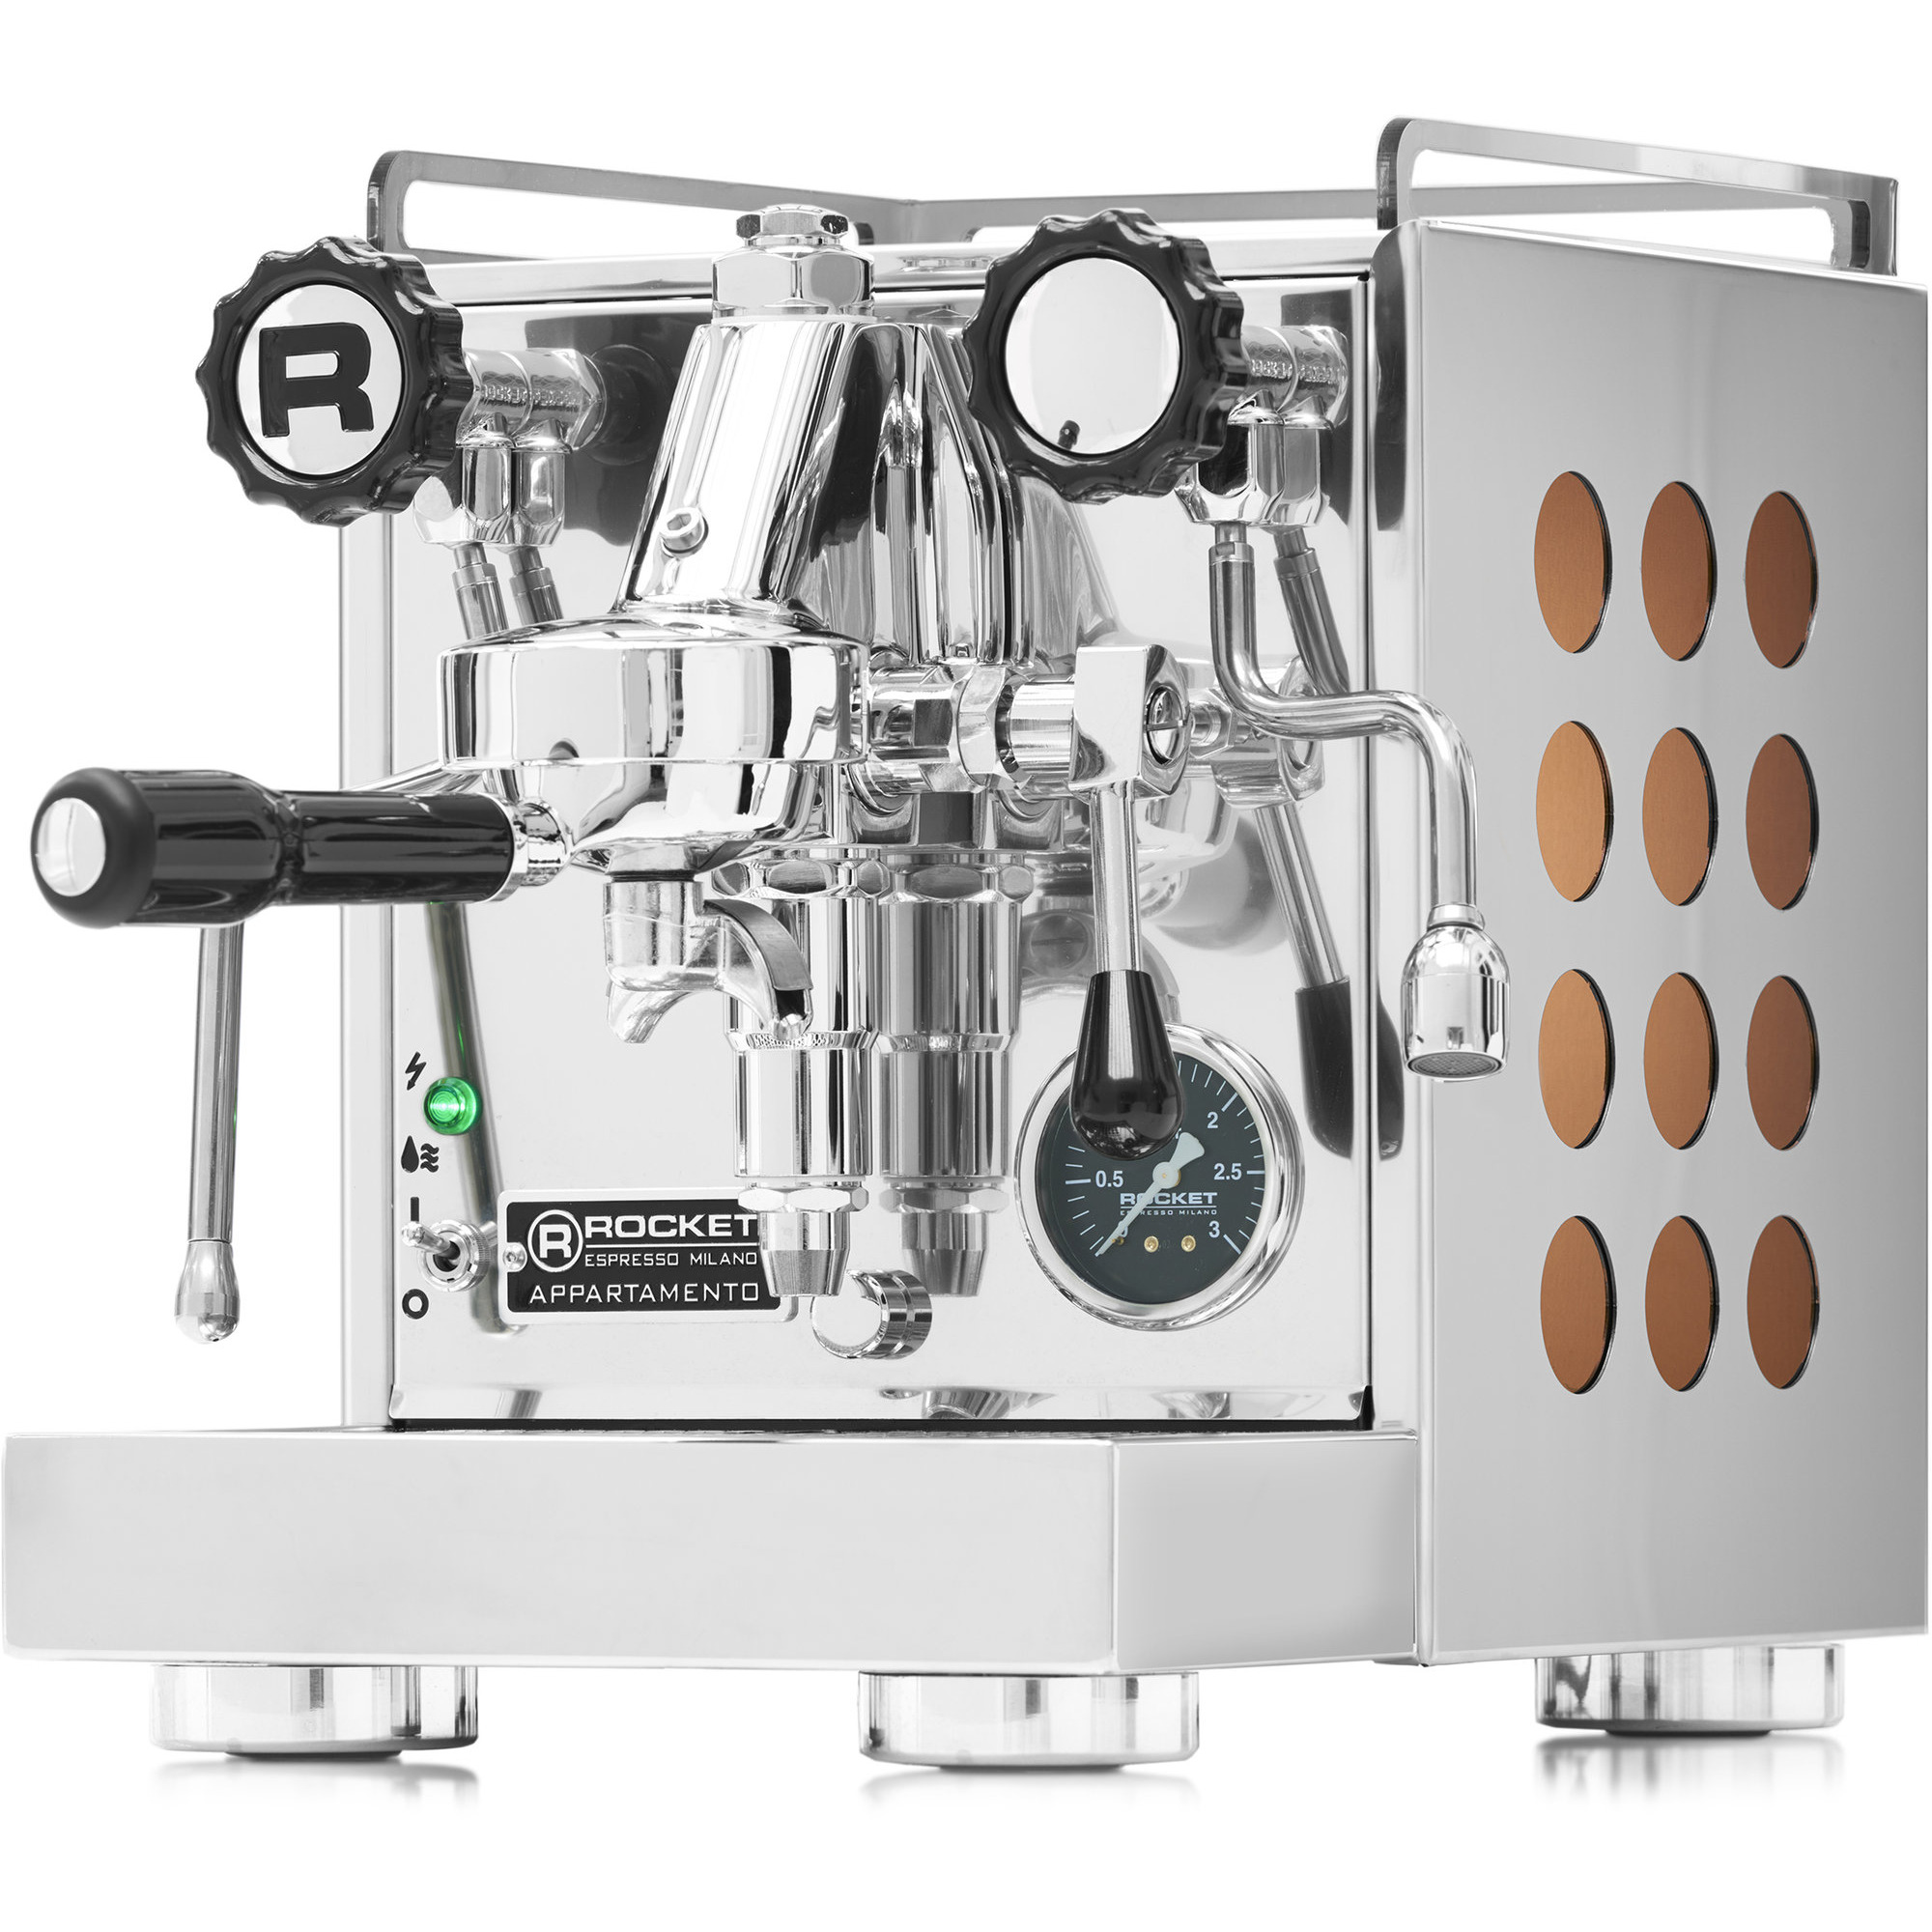 Rocket Appartamento Espressomaskin Koppar